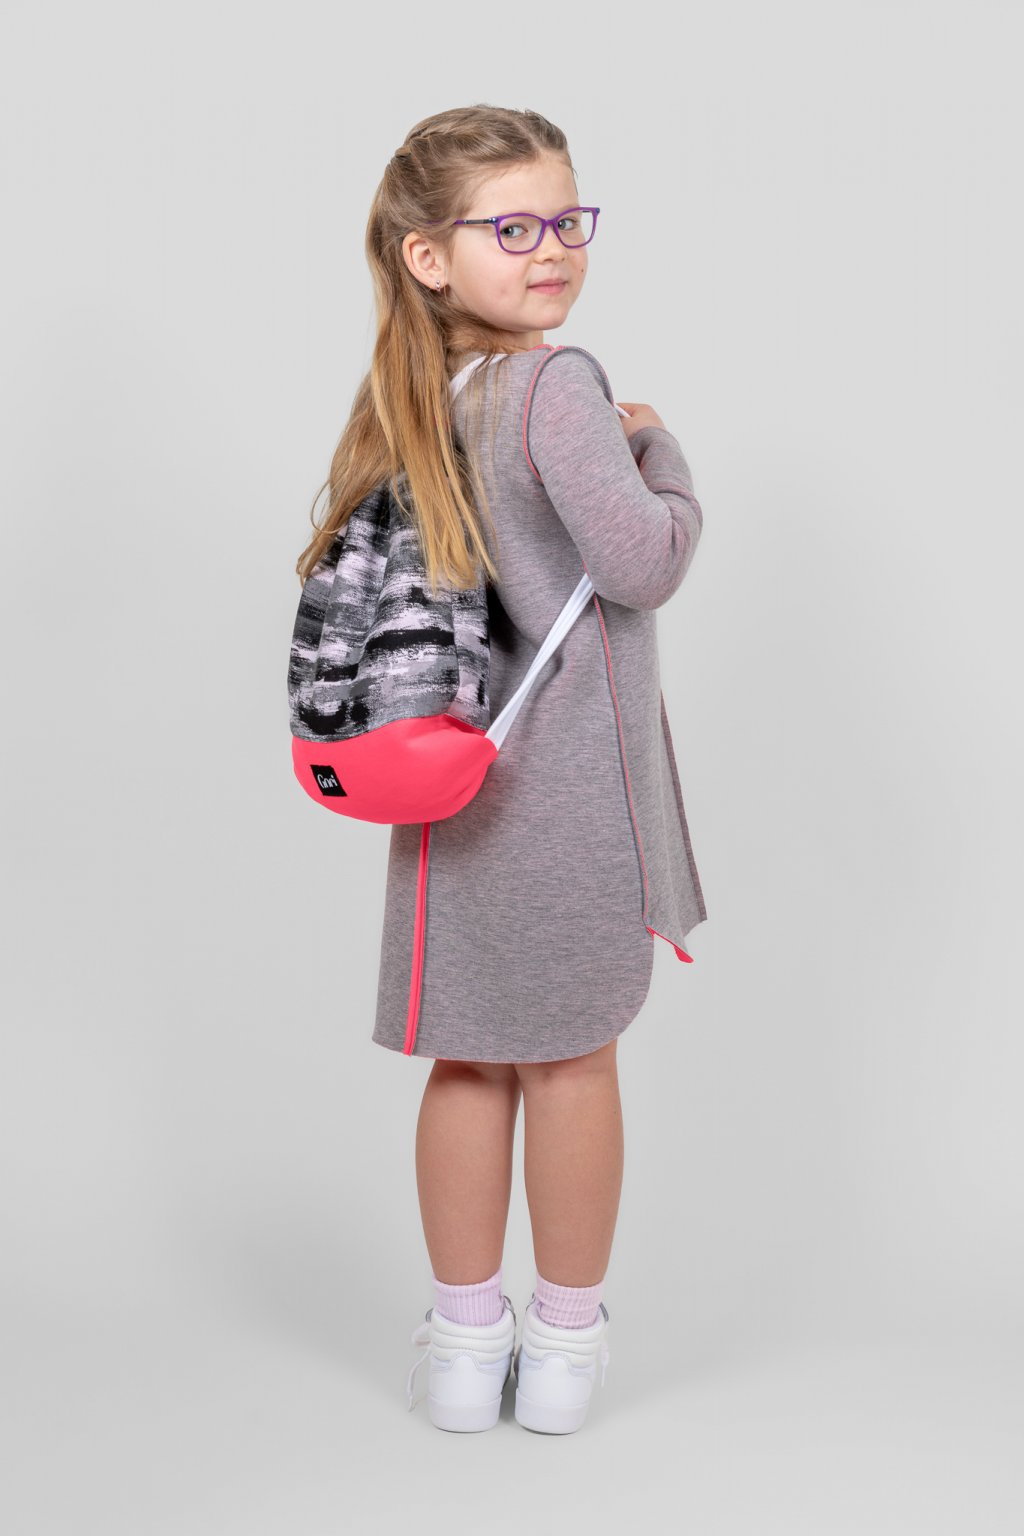 Dětské šaty clothes line scuba dětské šedo růžové dlouhý rukáv batůžek  neonově růžový z bavlny a neoprenu Goci